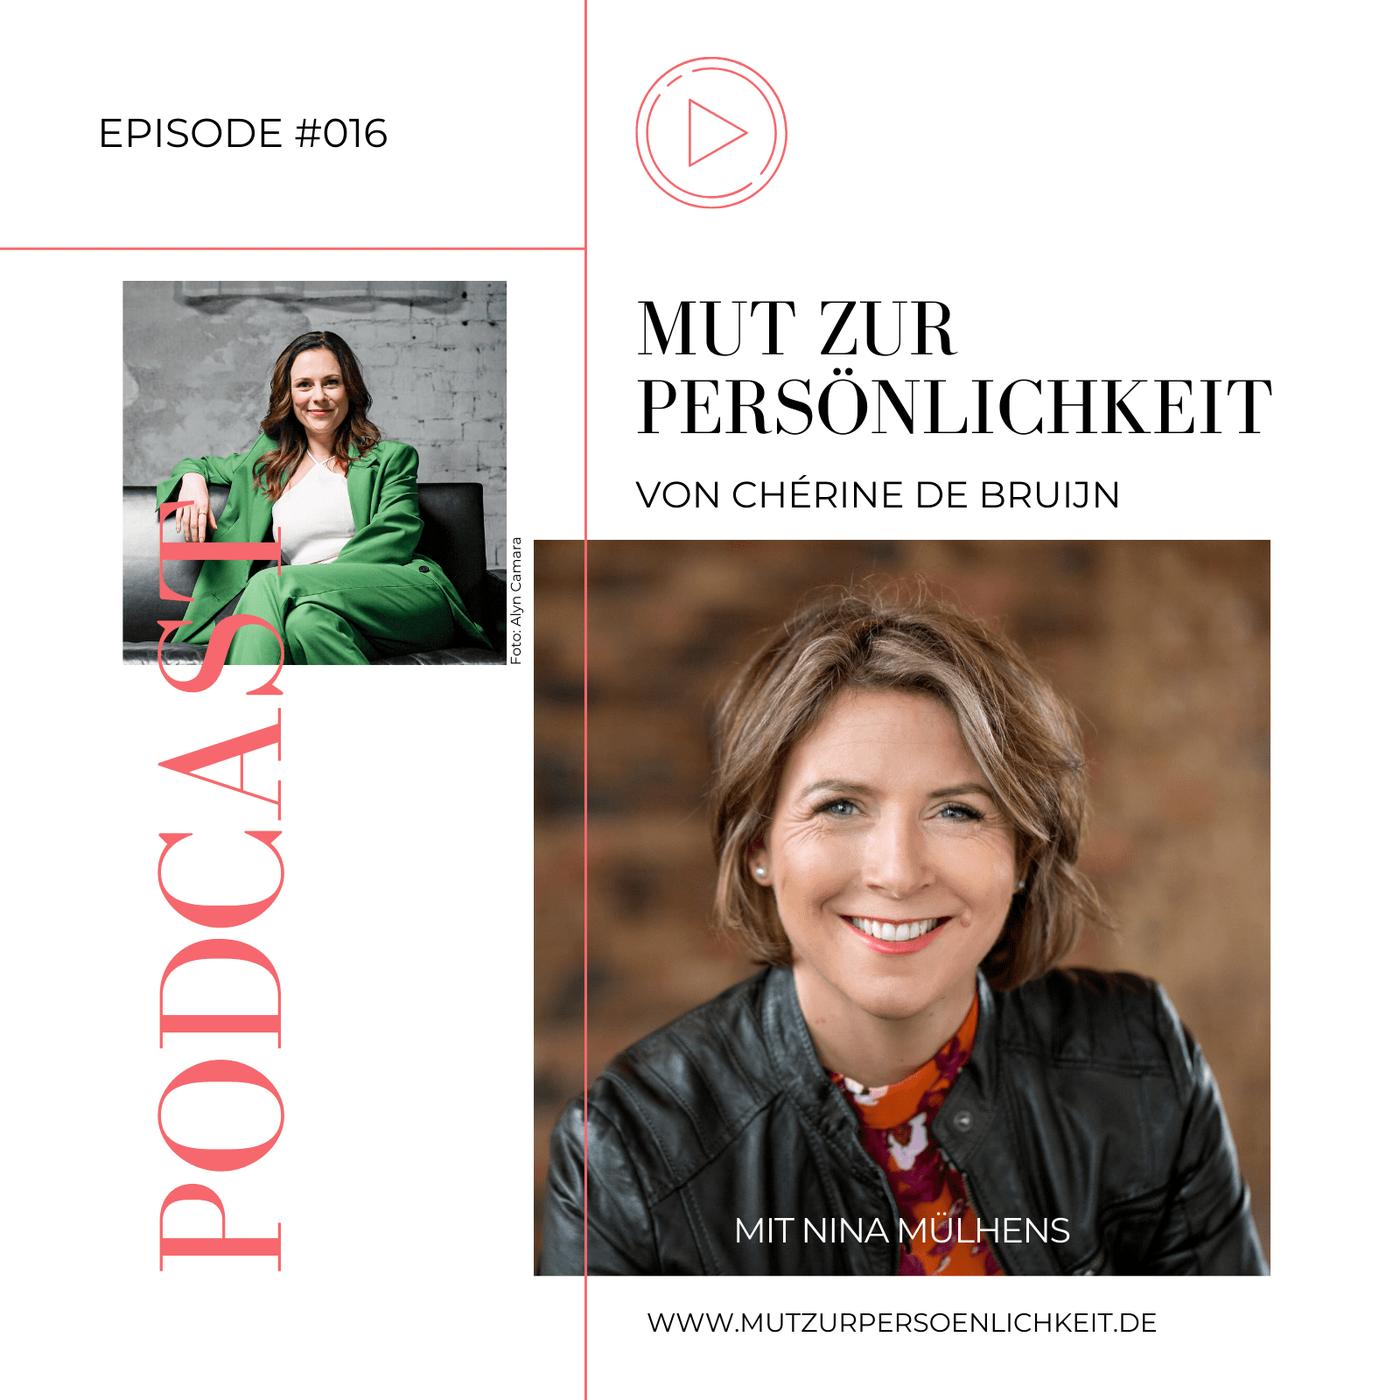 #016: Im Talk mit Nina Mülhens